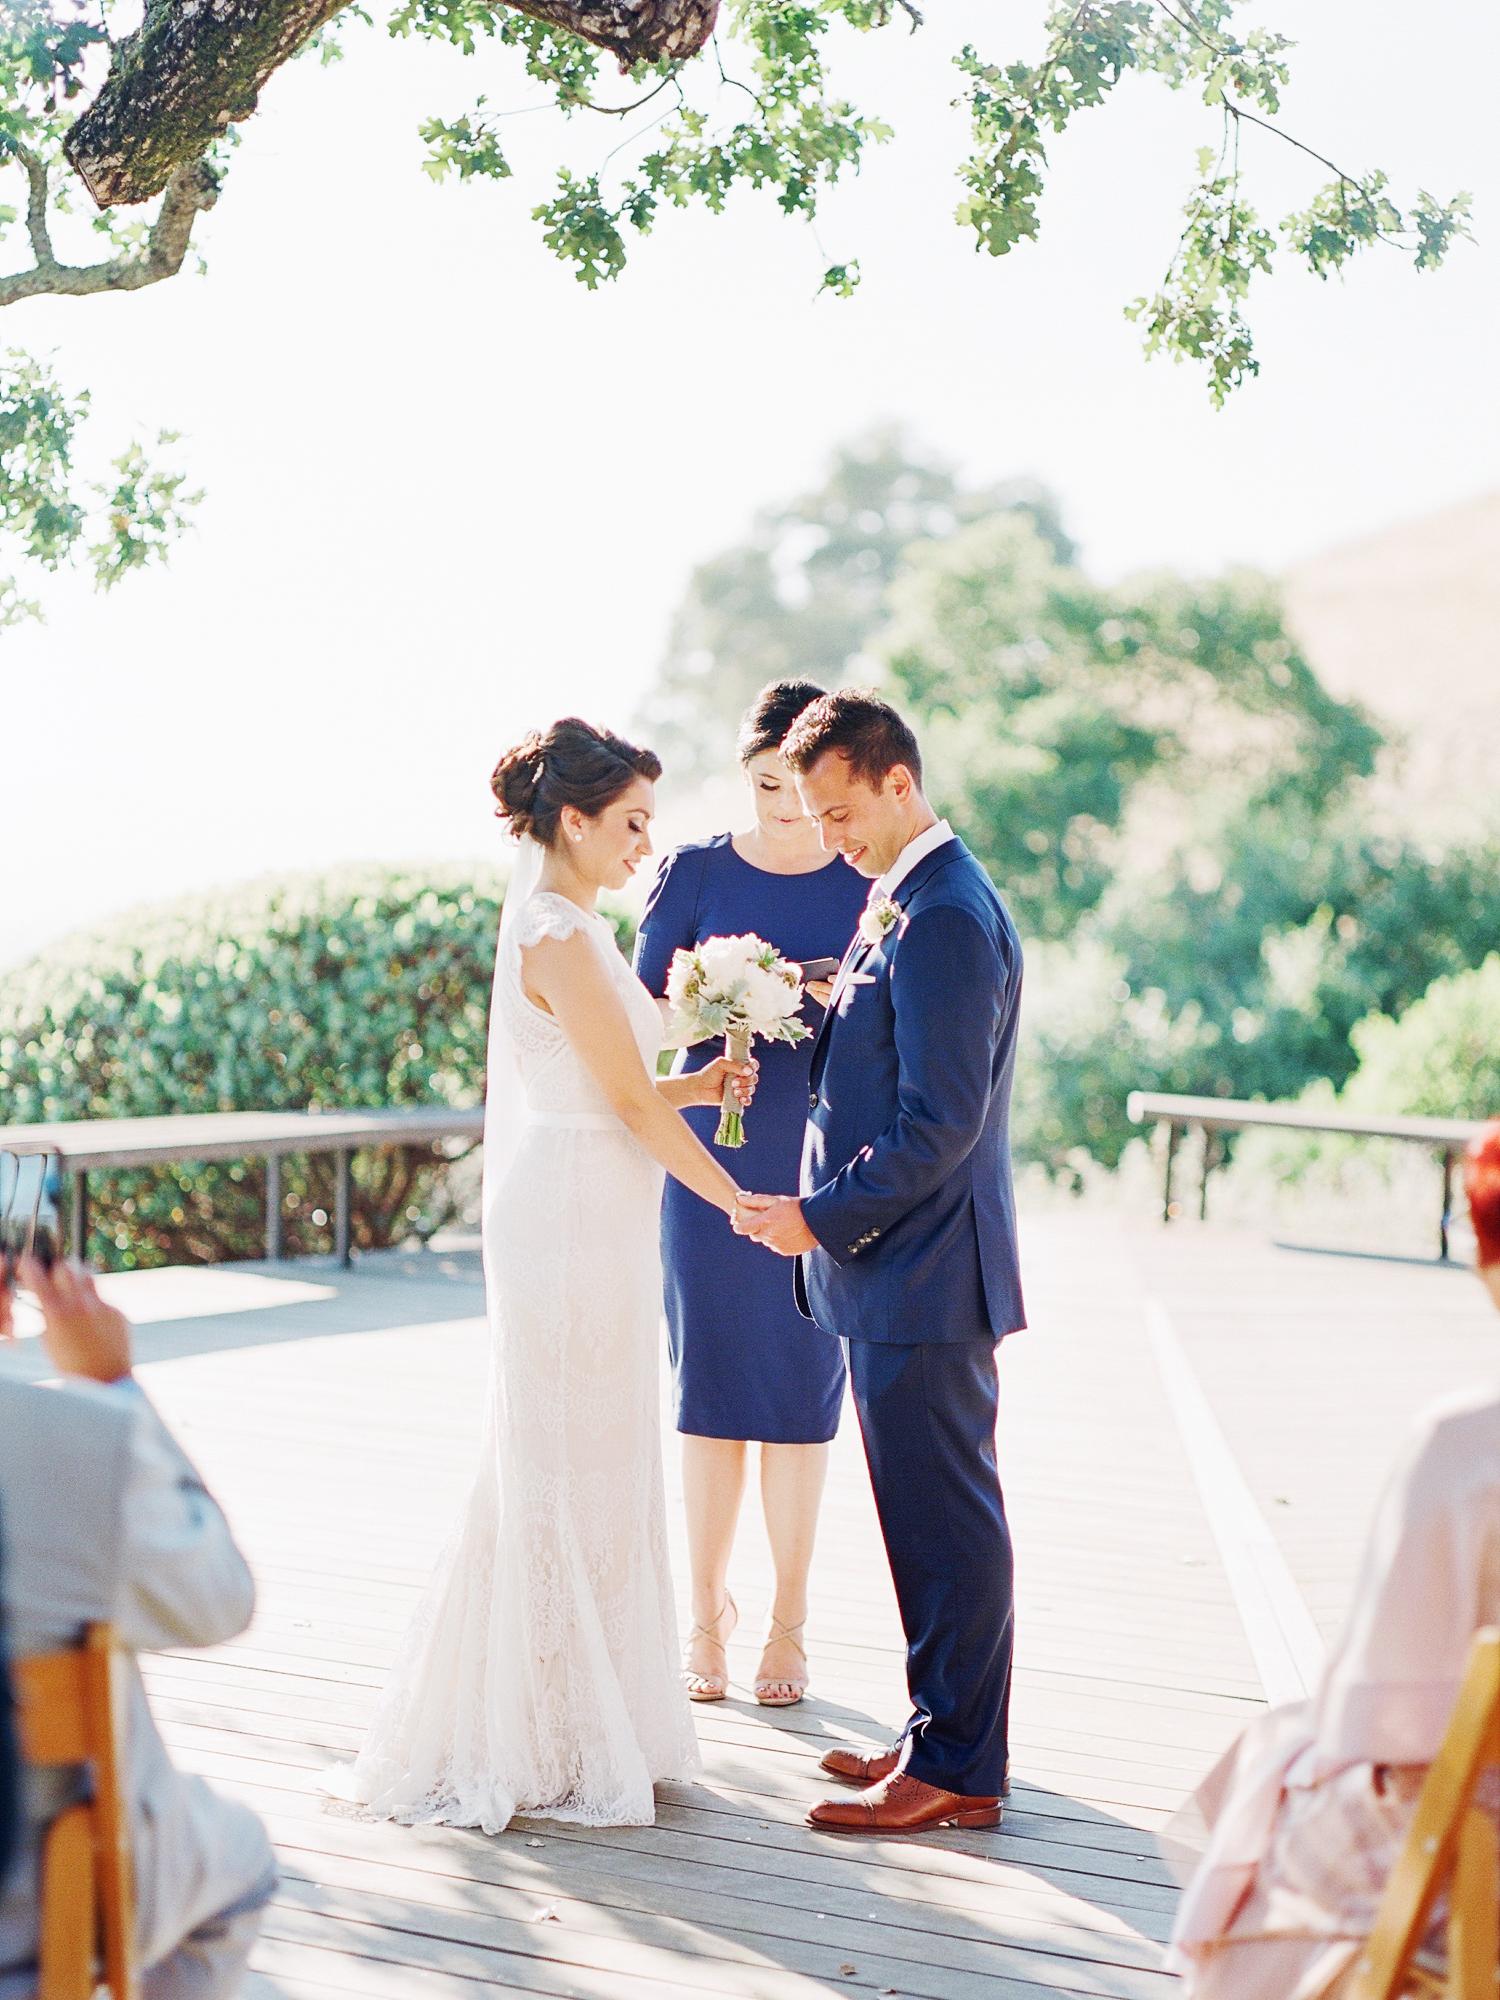 radostinaboseva_napa_wedding_california-169.jpg